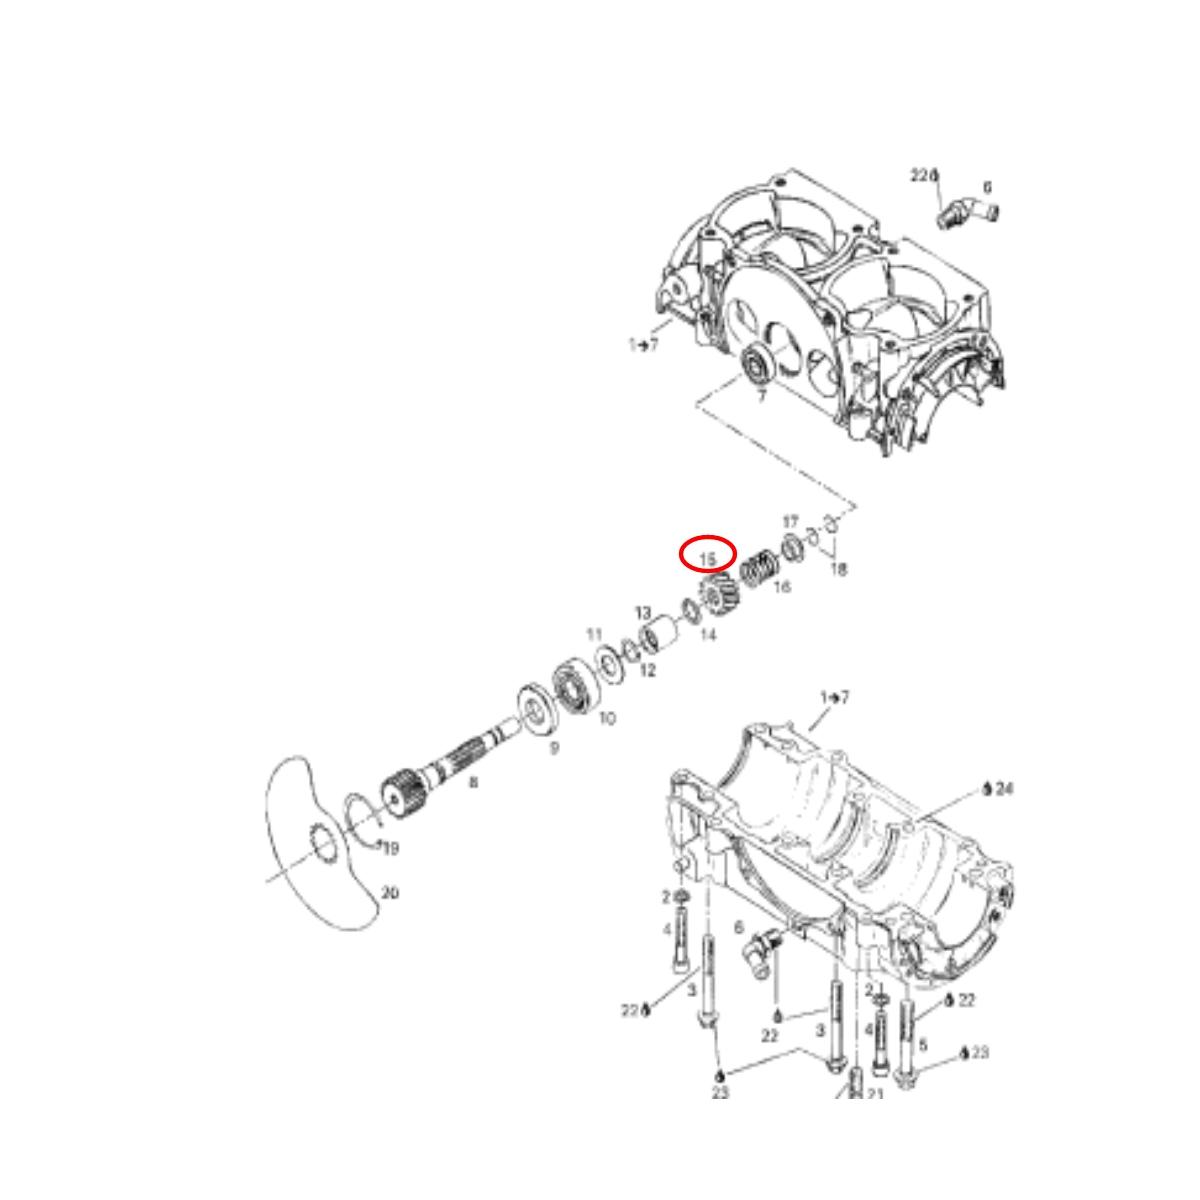 Engrenagem Interna do Virabrequim para Jet Ski Sea Doo 580  - Radical Peças - Peças para Jet Ski